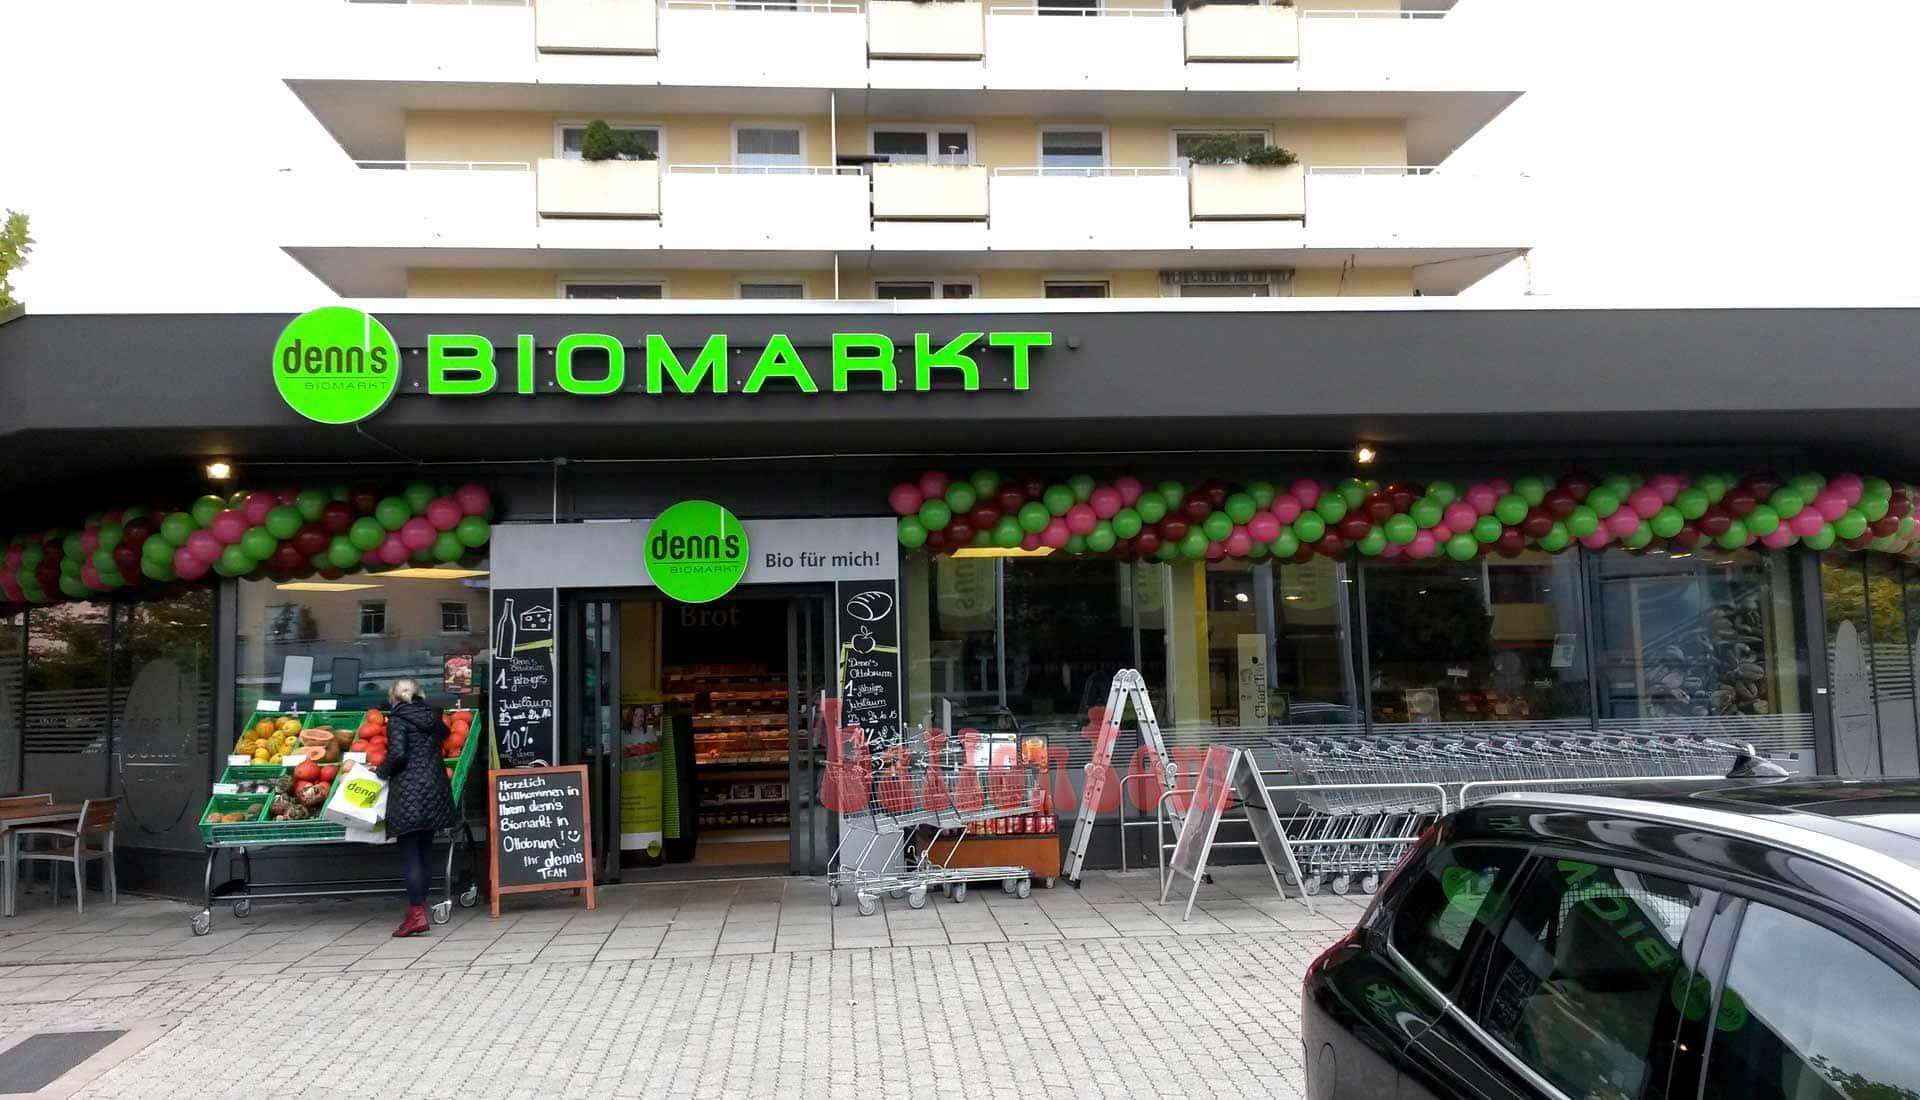 Ballongirlanden für denn´s Biomarkt in Ottobrunn